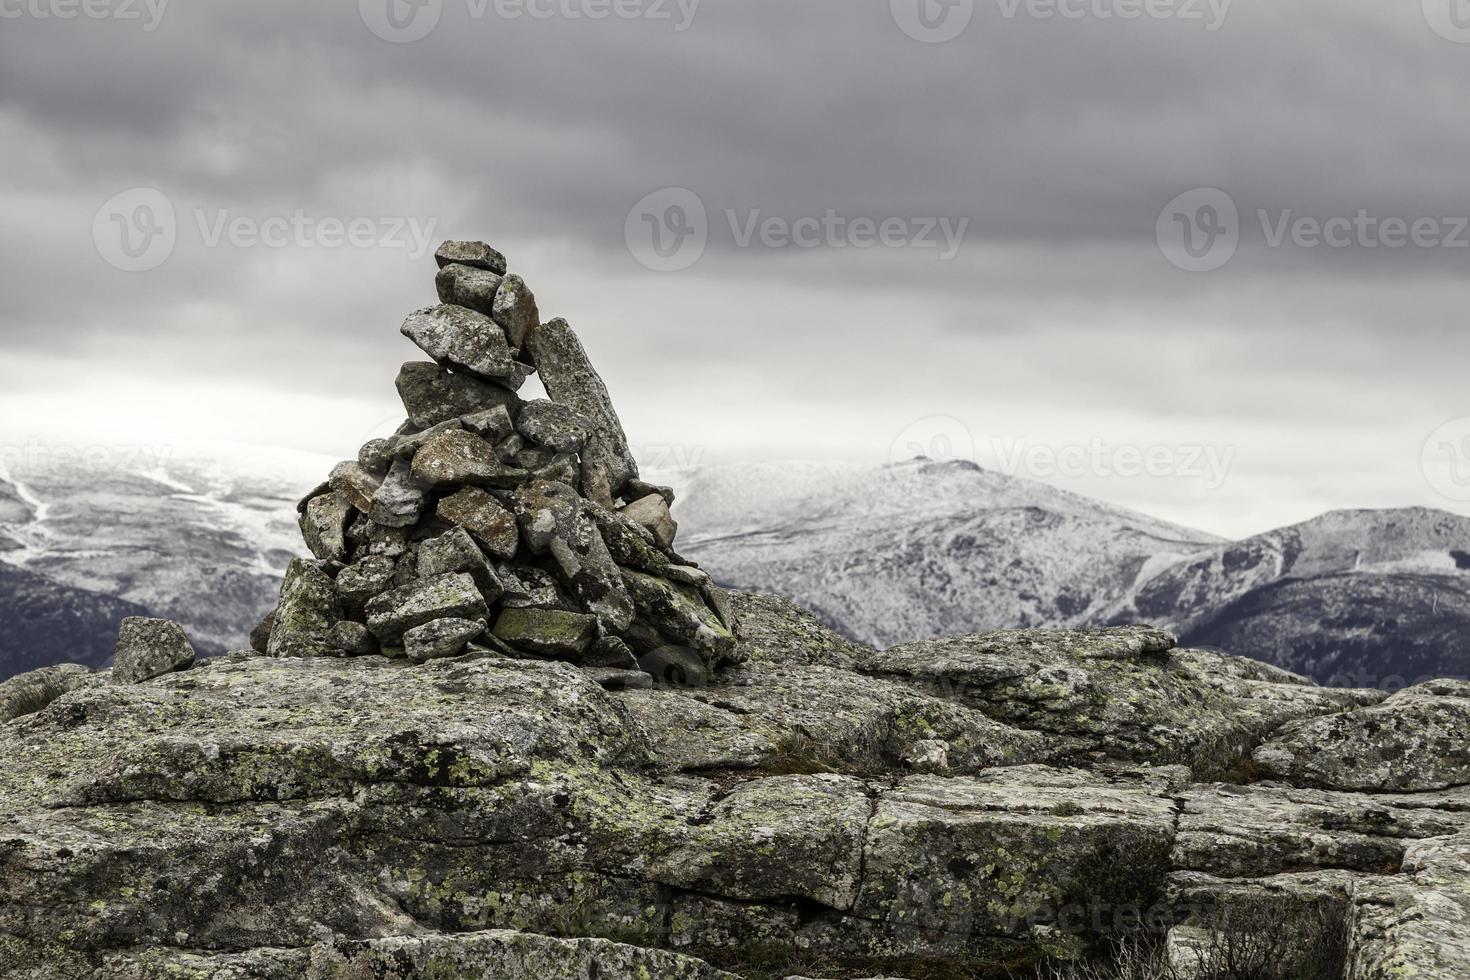 heuvelachtig landschap met een mijlpaal van stenen op de voorgrond foto